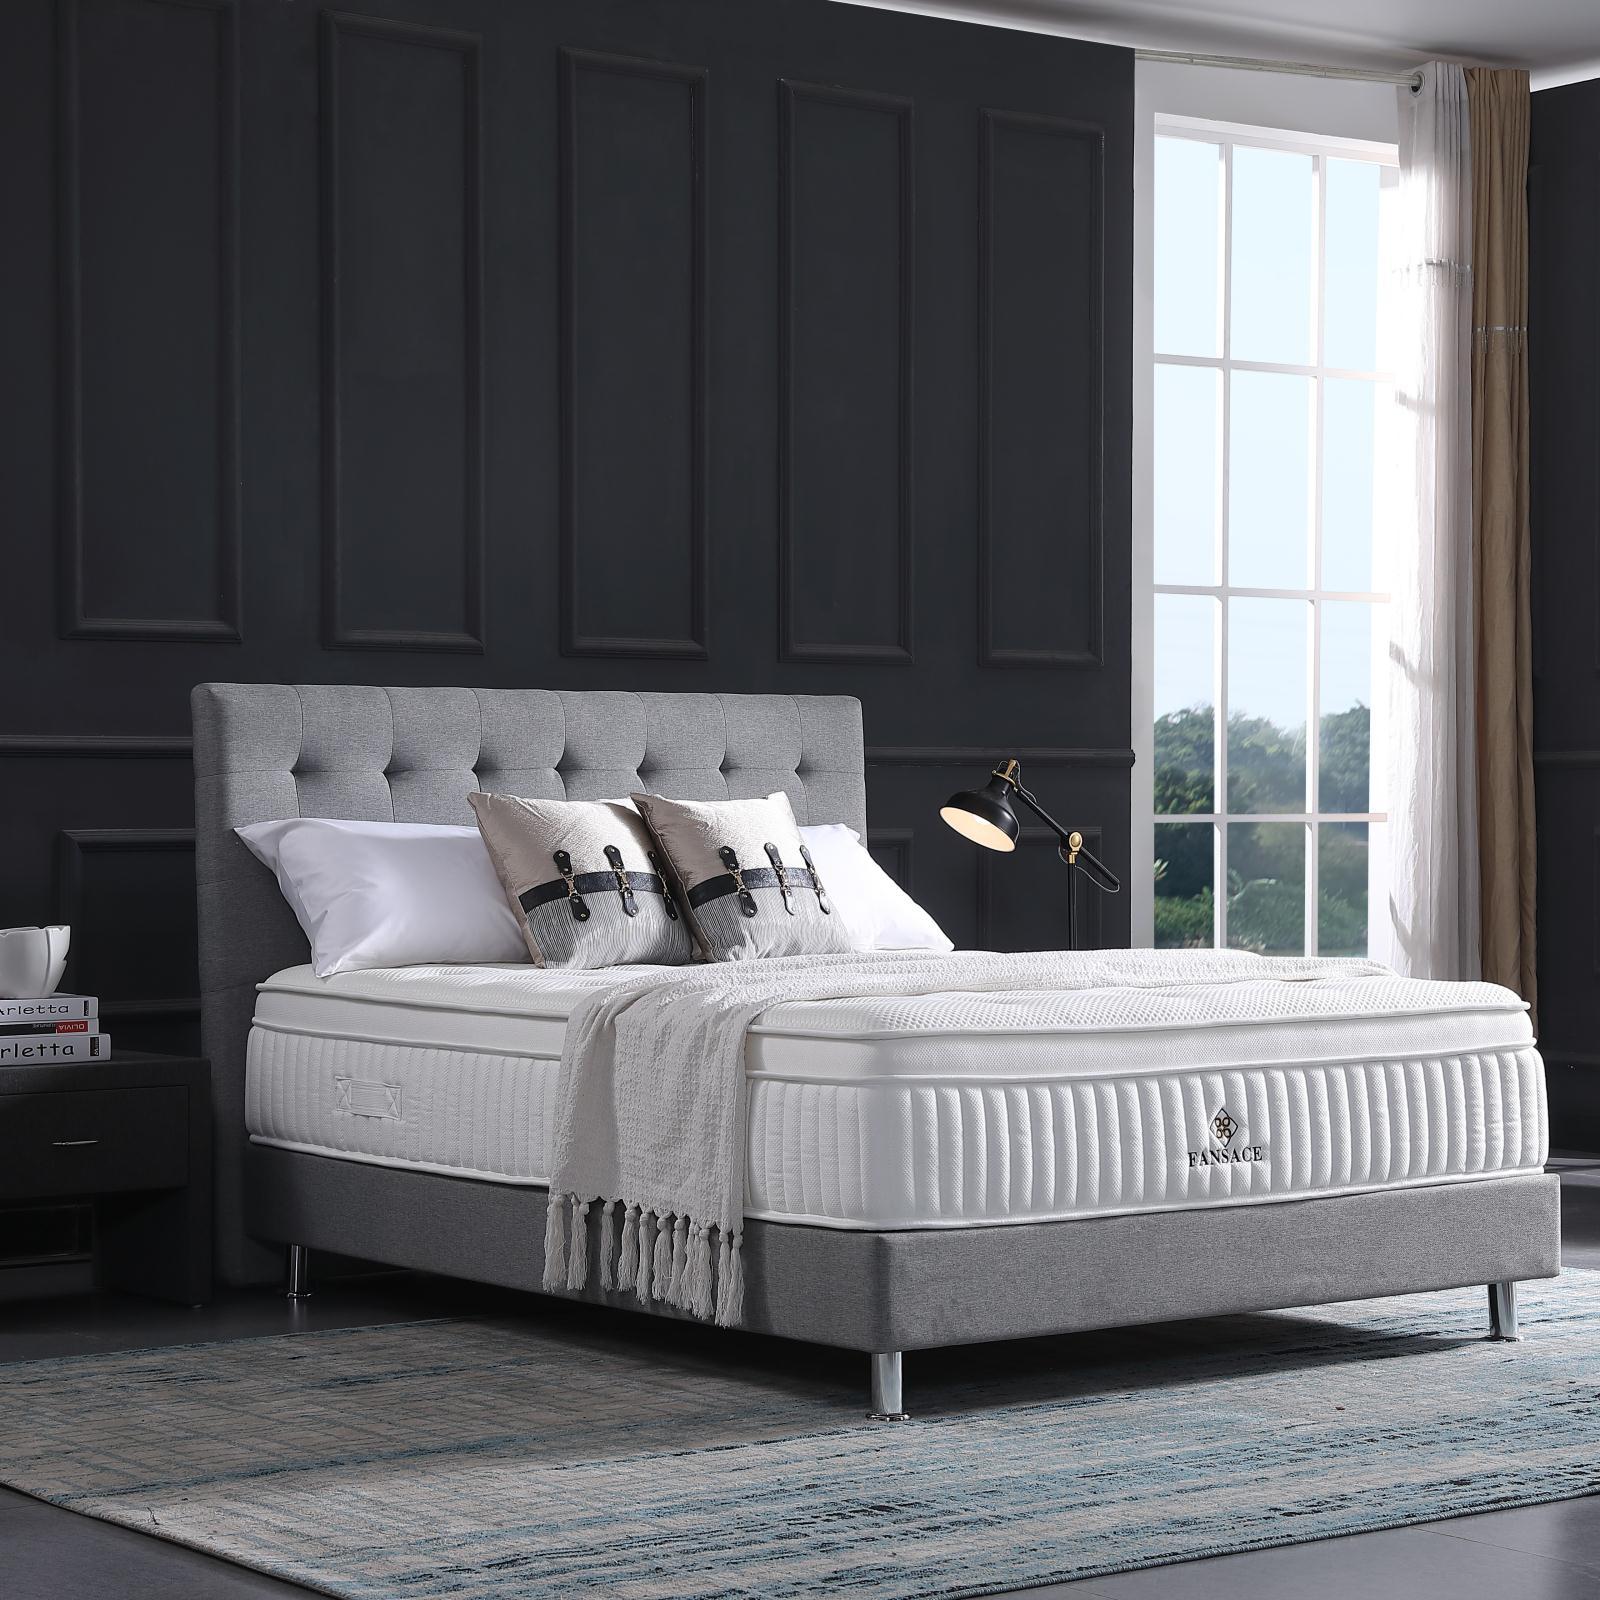 JLH-hotel bed mattress   Hotel Mattress   JLH-1